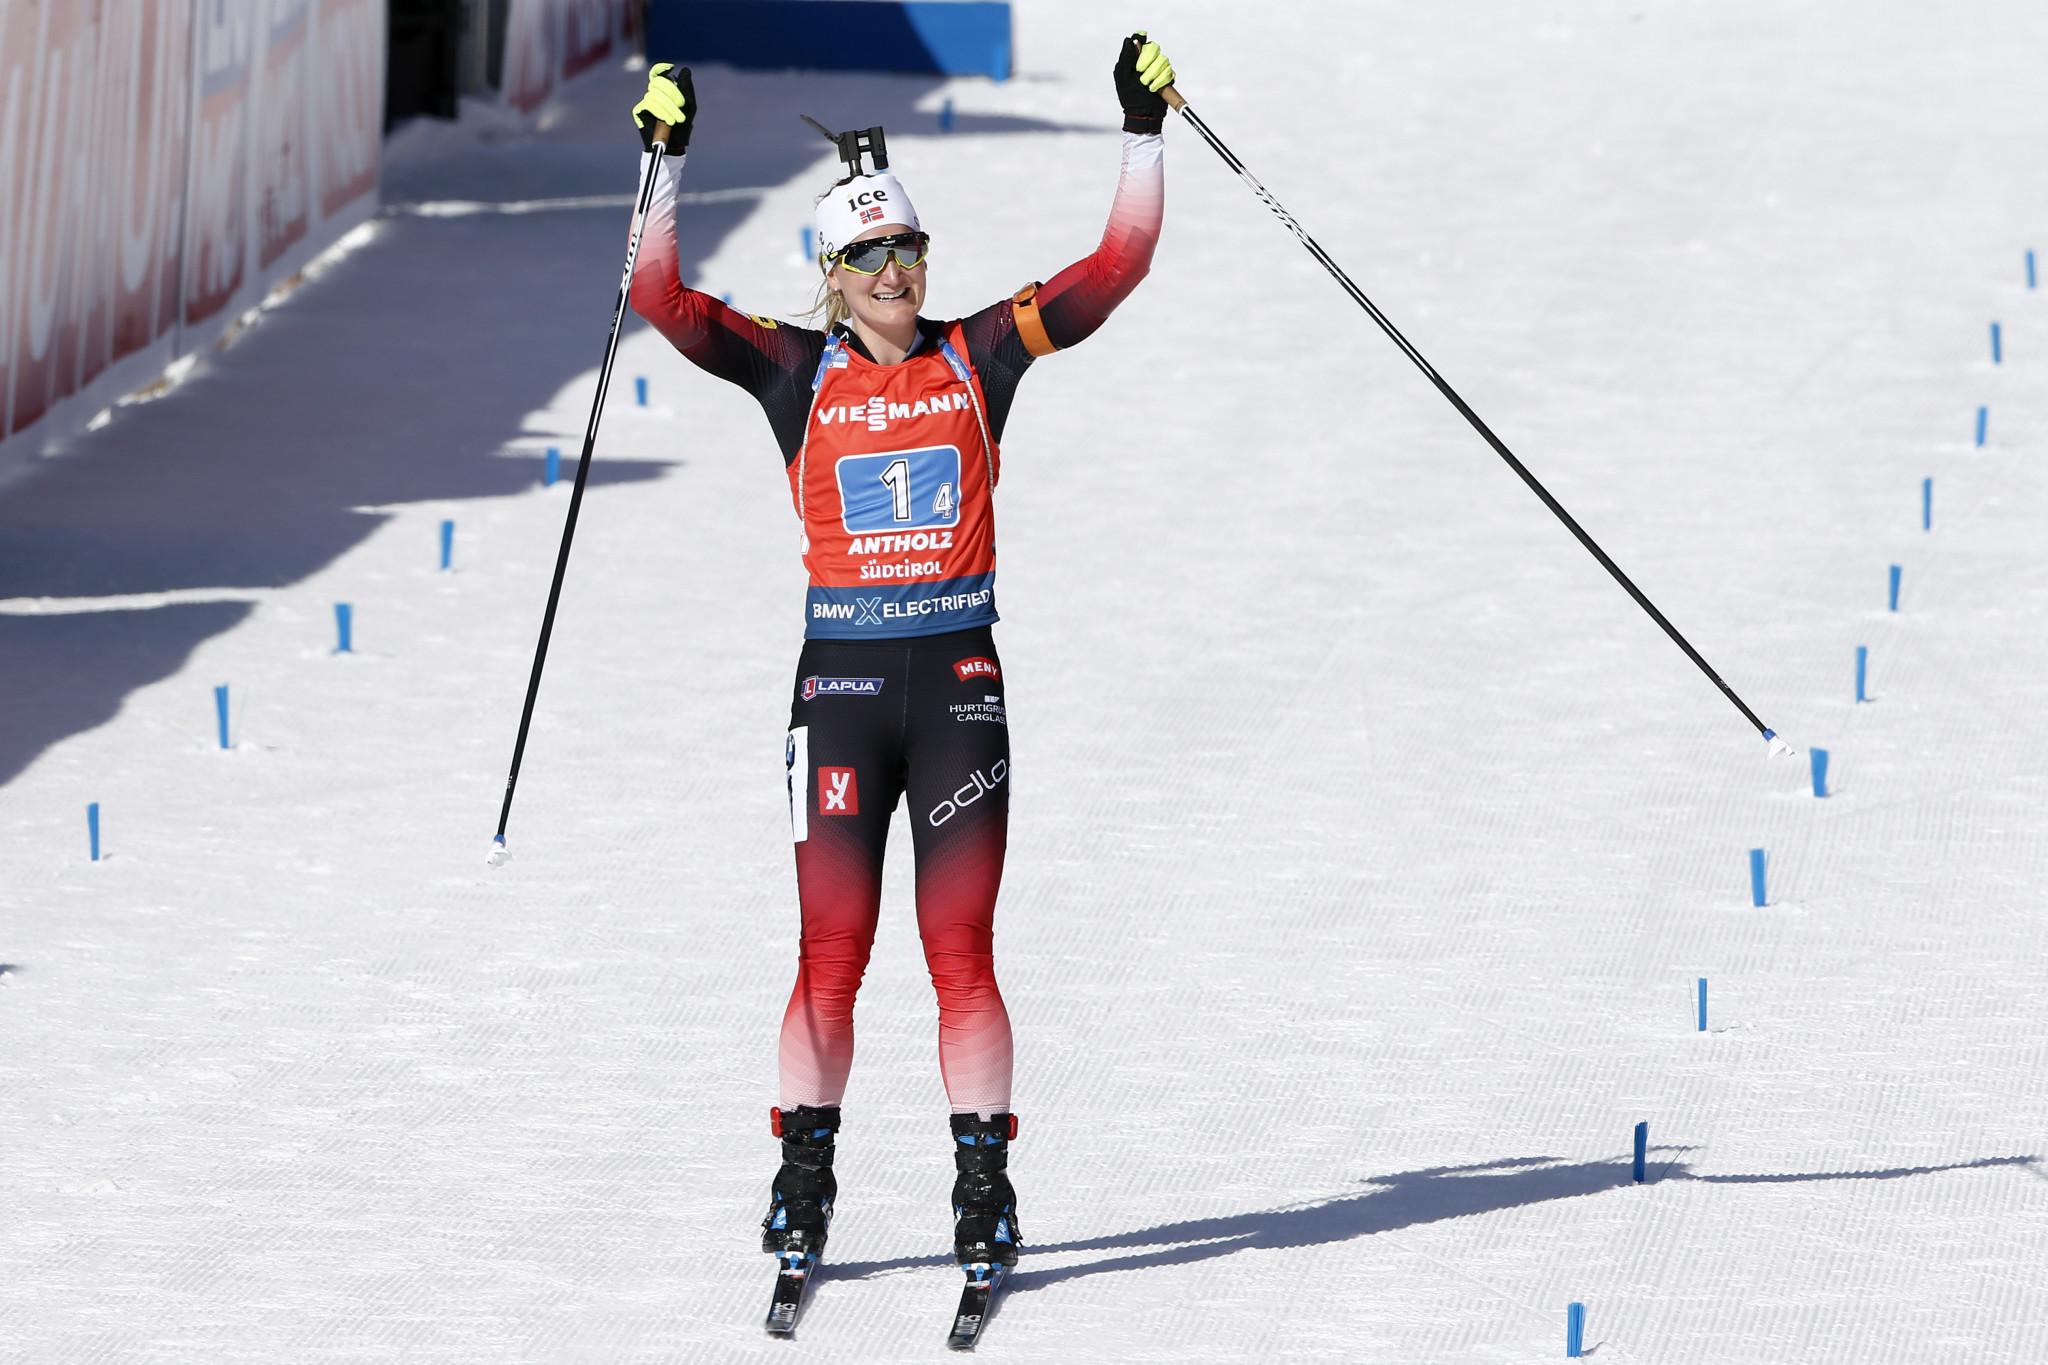 Røiseland secures fourth gold medal at Biathlon World Championships